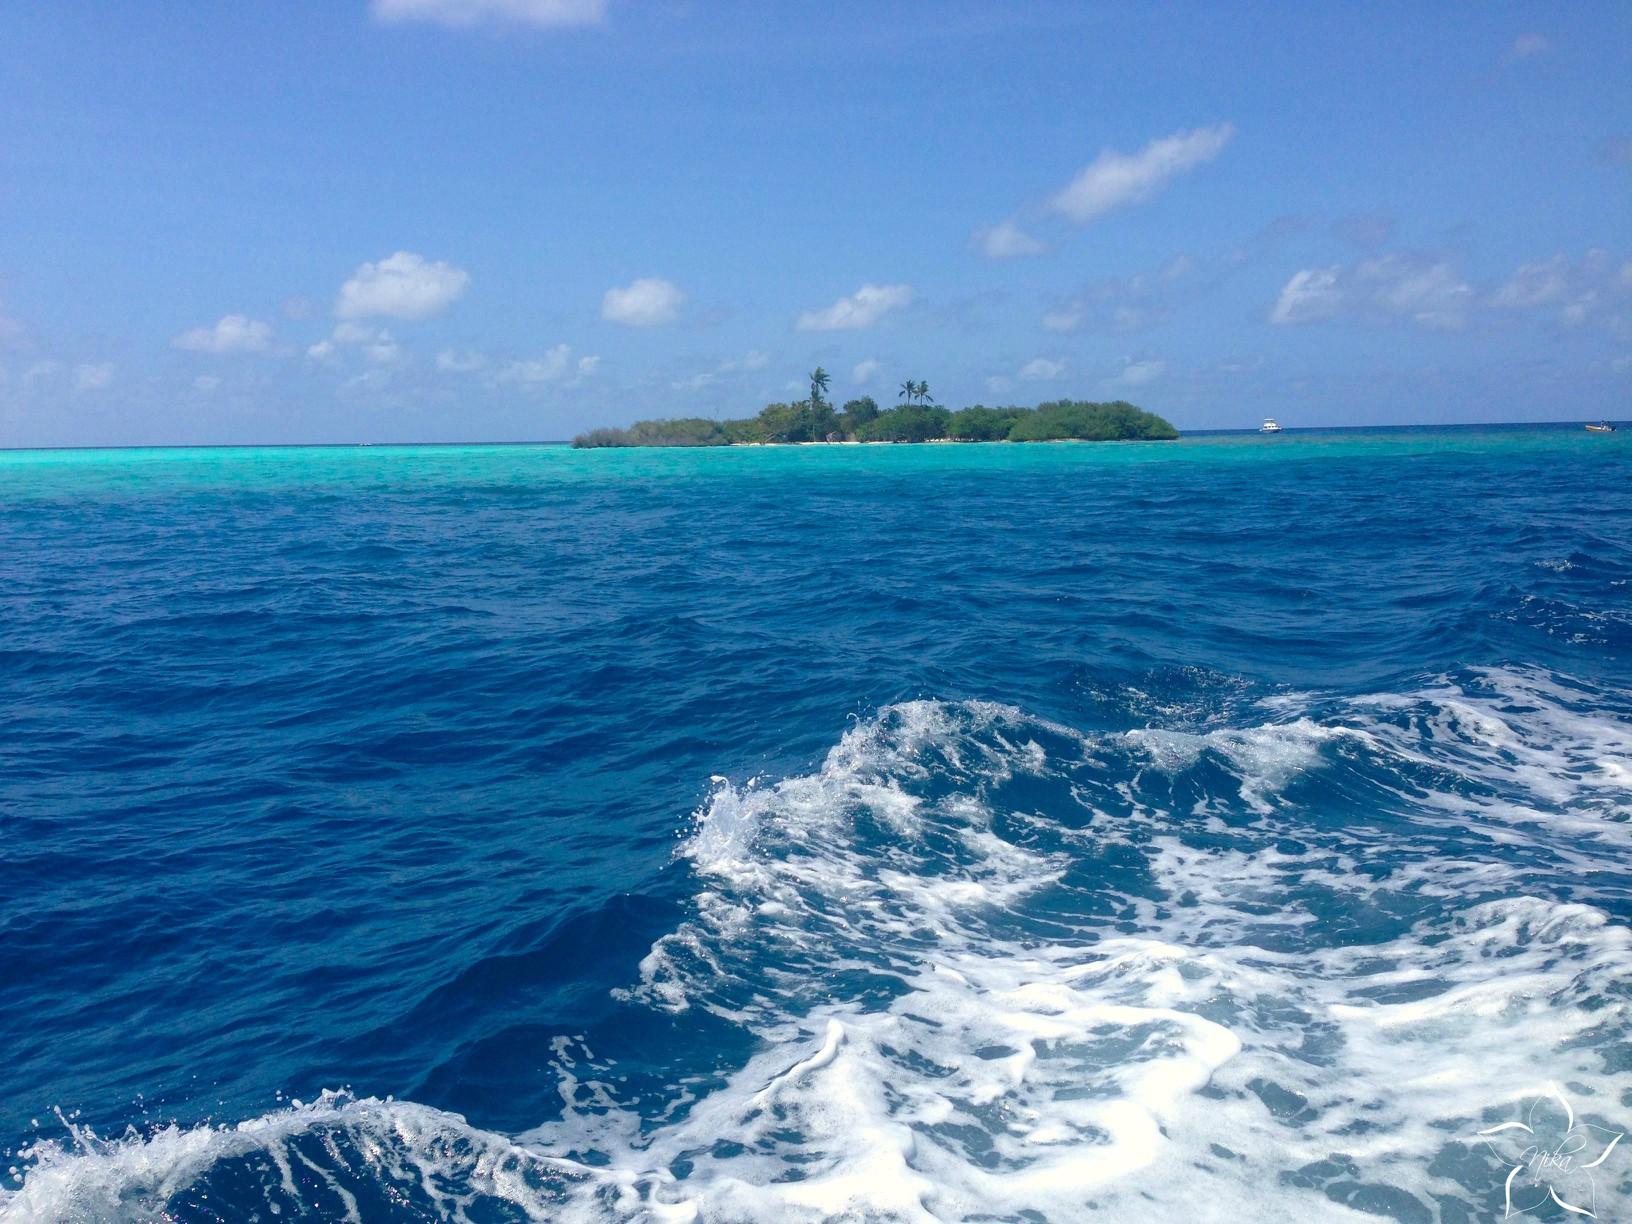 plavba lodou maldivy